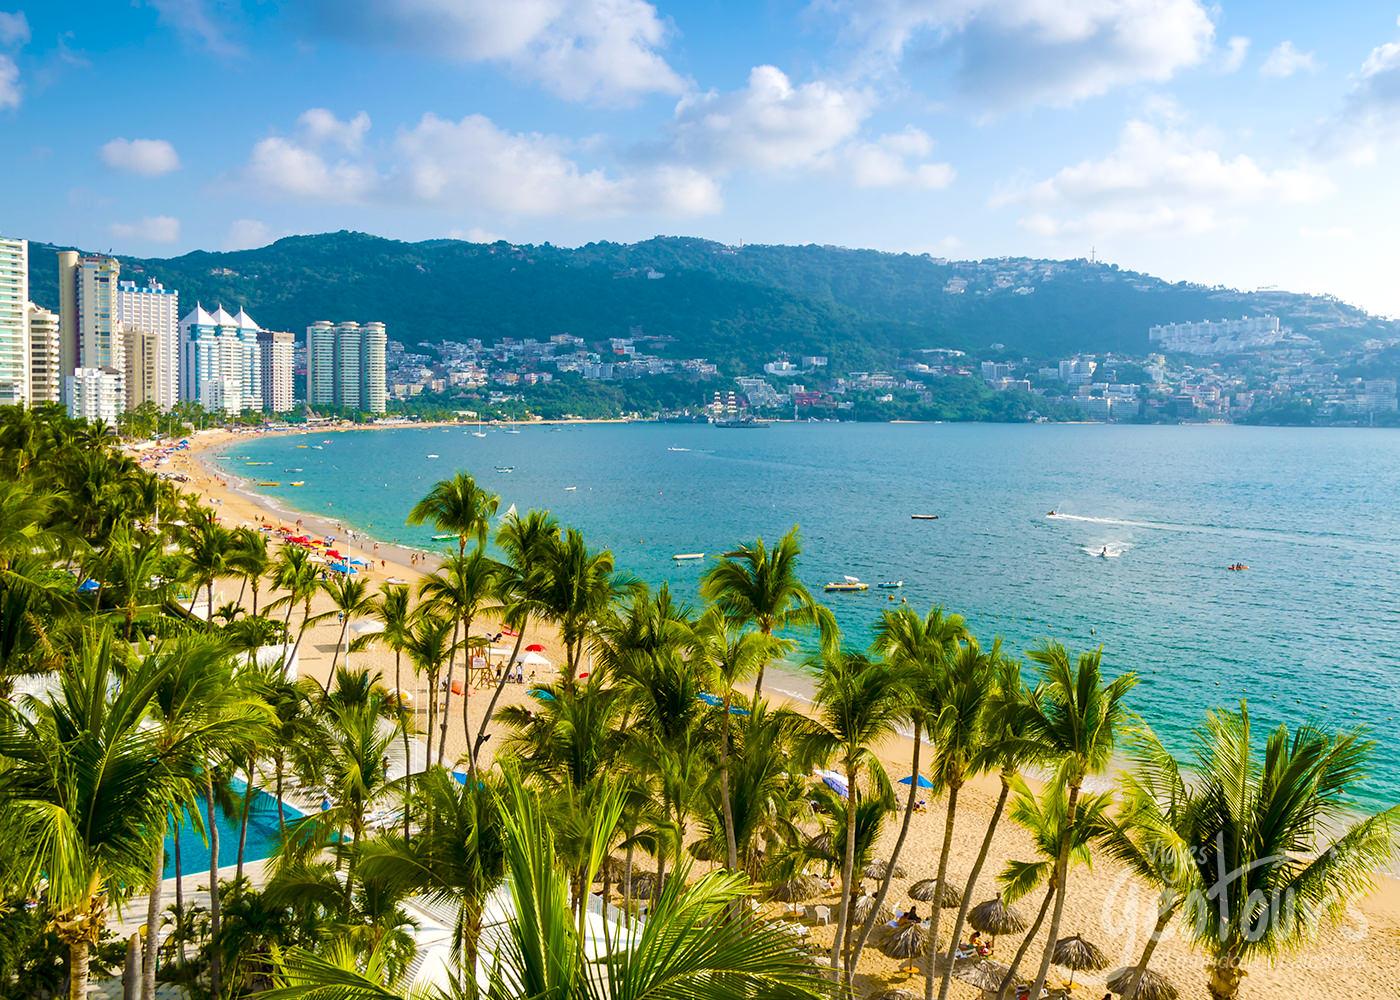 México clásico plus-Taxco y Acapulco 8 días